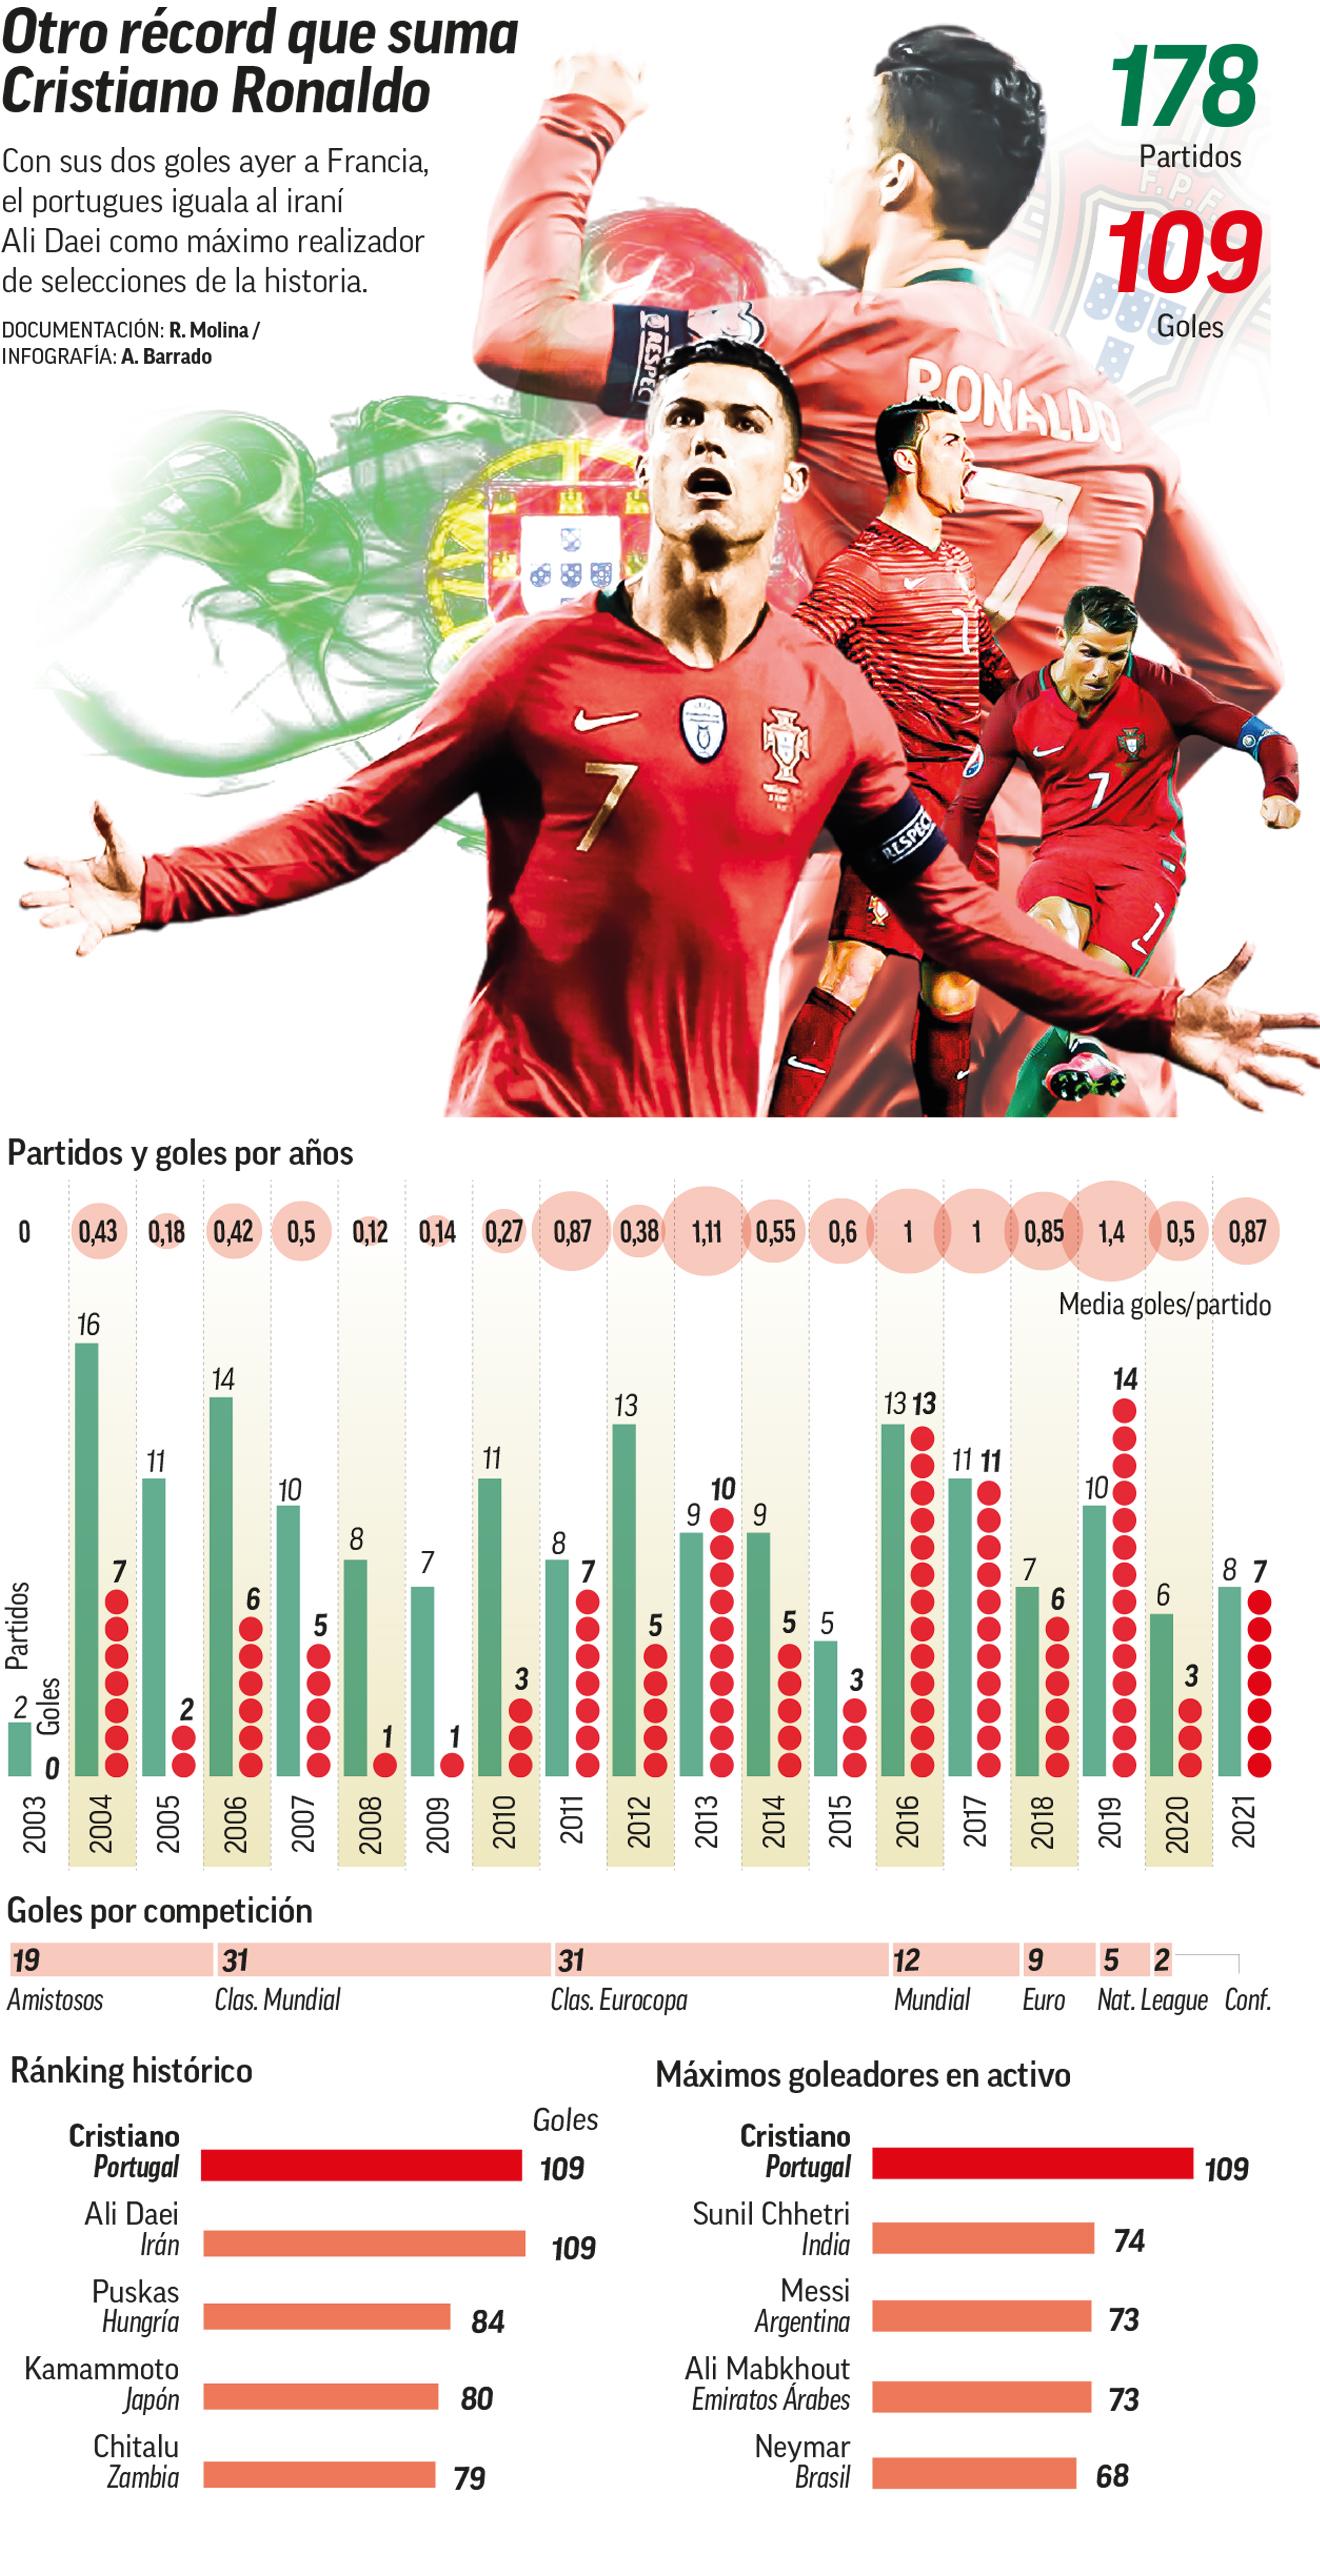 Cristiano iguala a Ali Daei como máximo goleador de selecciones